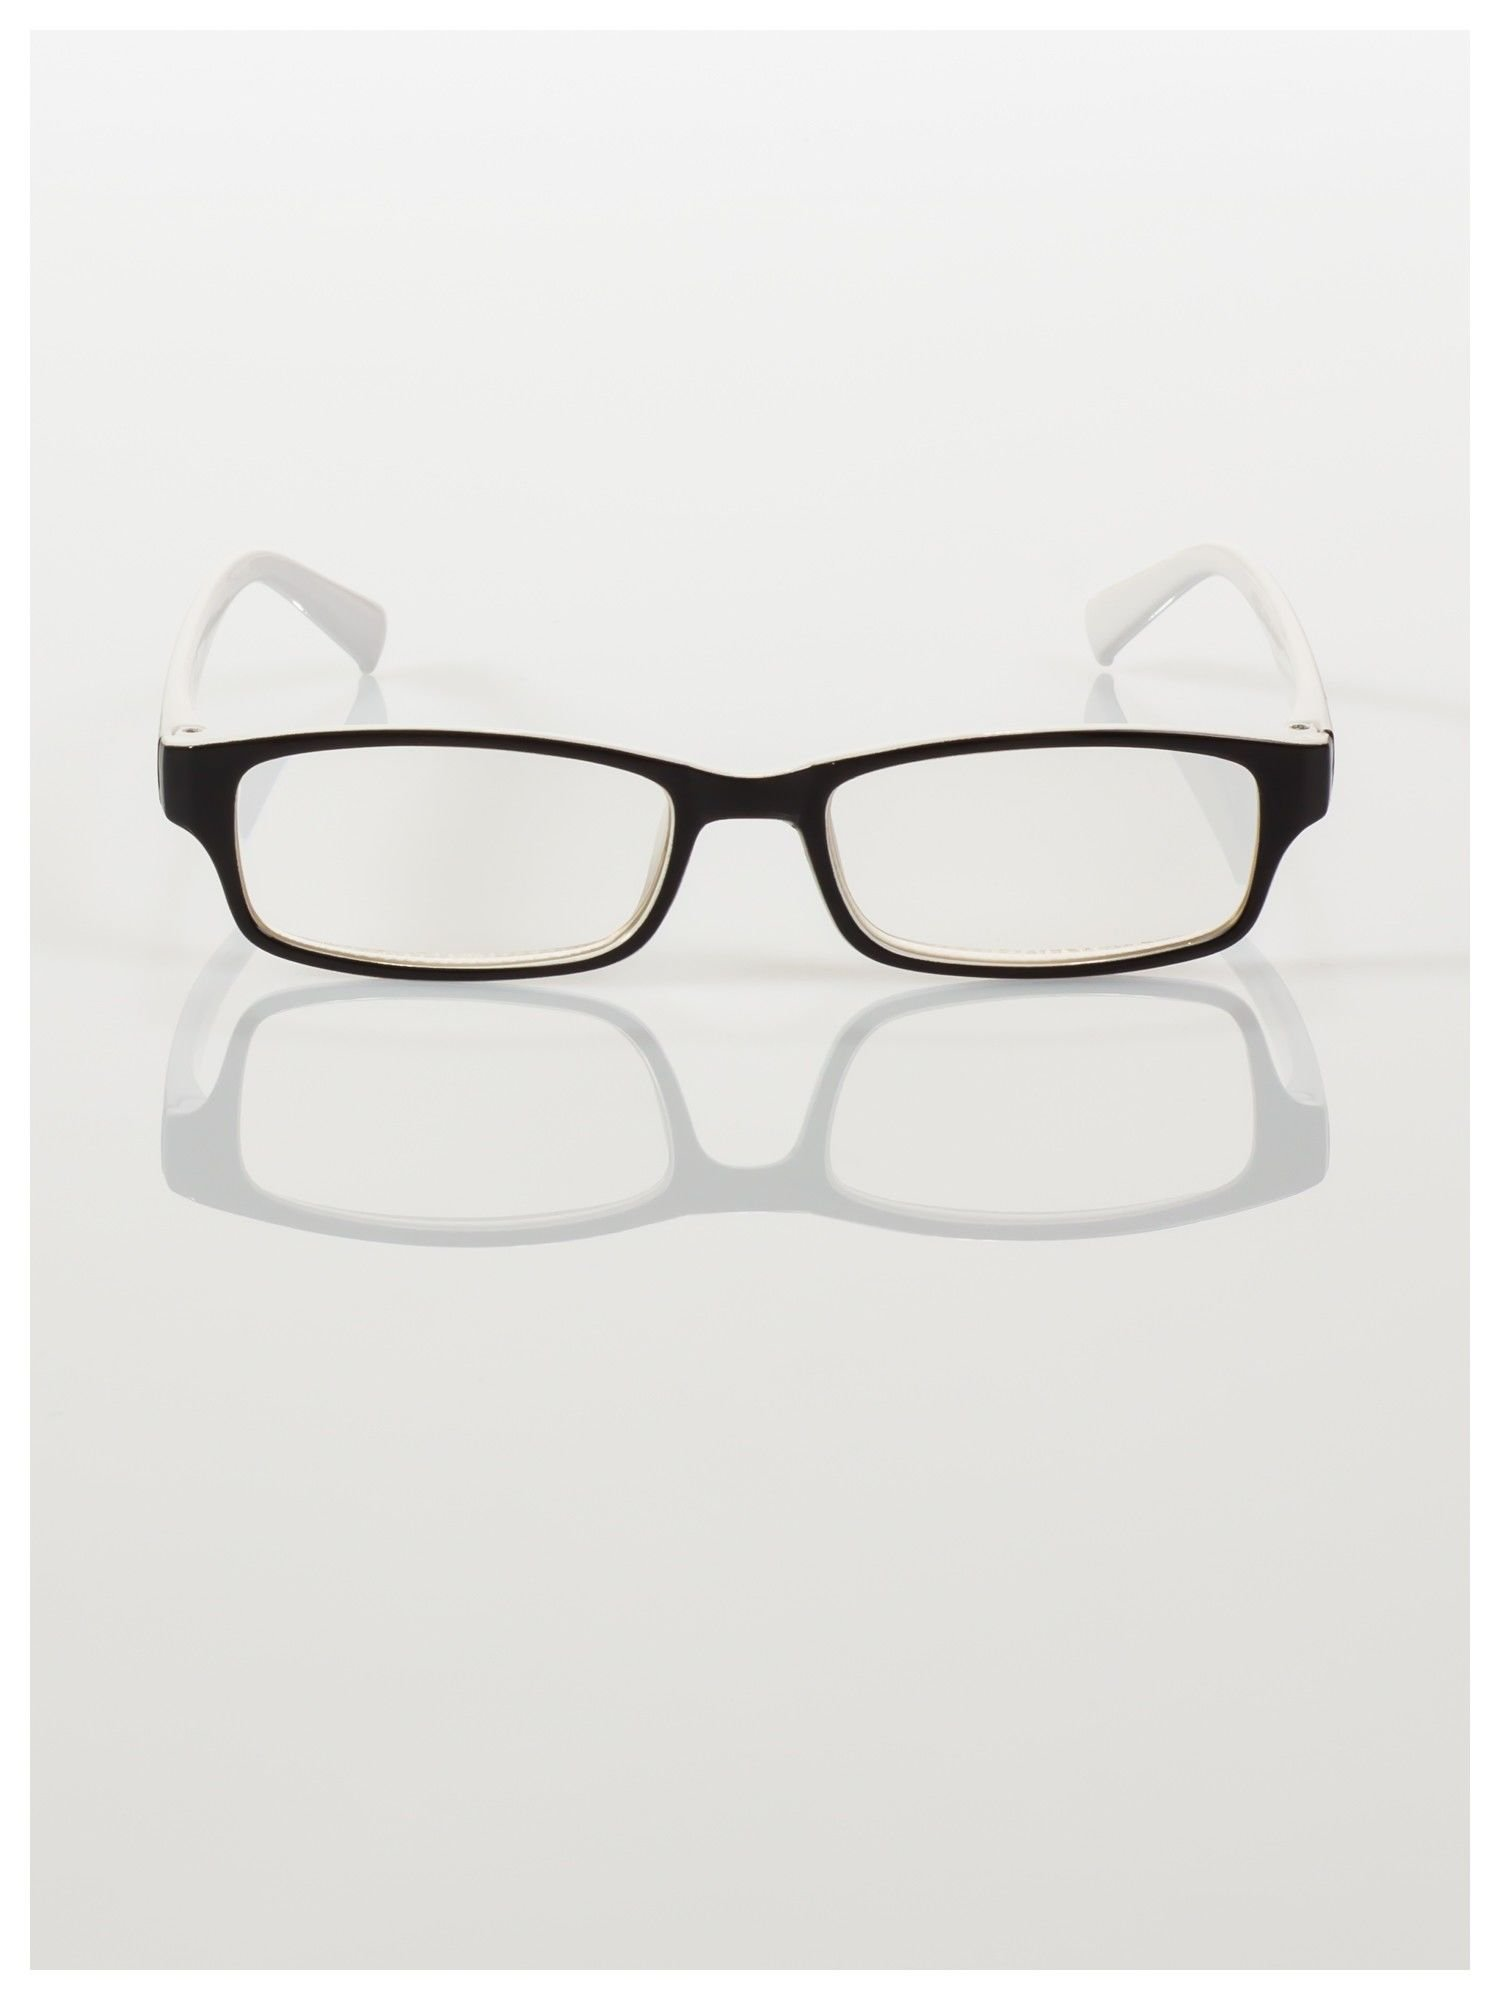 Okulary korekcyjne dwukolorowe do czytania +1.0 D                                    zdj.                                  3